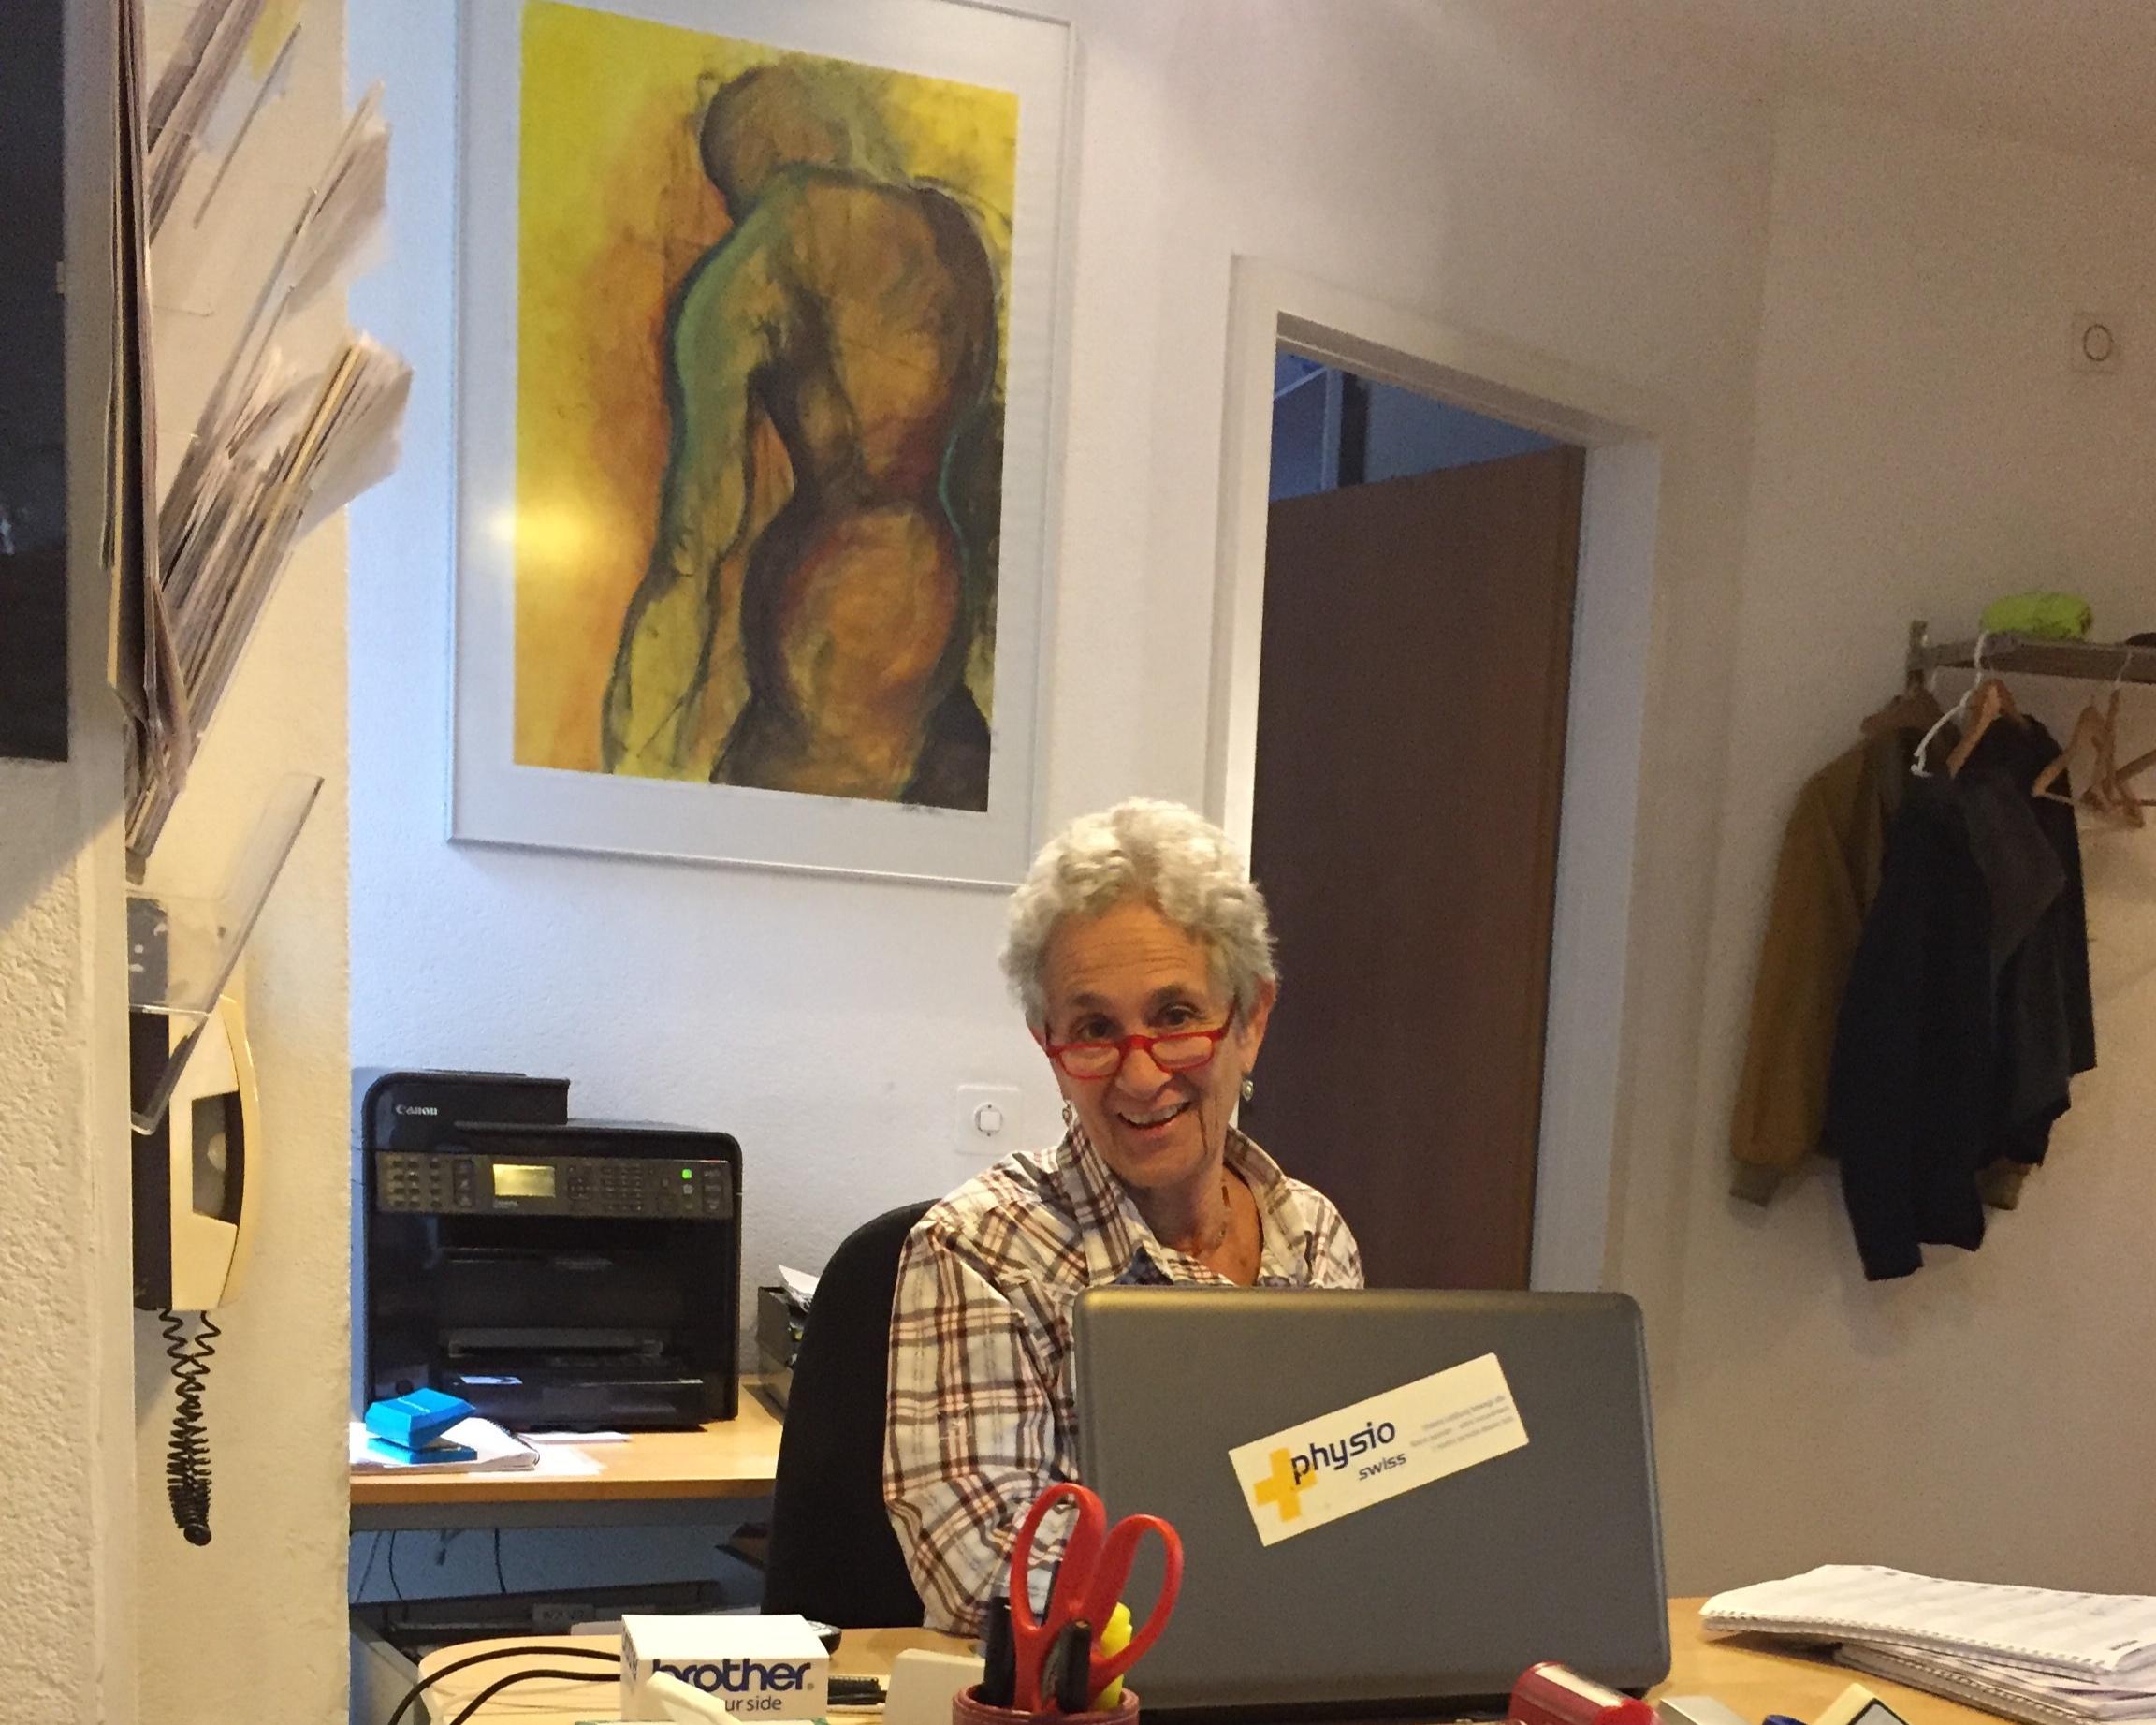 """Rachelle Wirth, BSN, MSN - Nata e cresciuta a Detroit, Michigan. Rachelle ha un Bachelor in Infermieristica presso la Medical University of South Carolina (1974) e un Master in ostetricia come levatrice presso l'University of Illinois (1977). Ha lavorato negli Stati Uniti come infermiera-levatrice in Ohio, Washington, Isole Vergini Americane, New York e Florida. In Svizzera ha lavorato come infermiera-levatrice presso la Clinica Sant'Anna di Sorengo e per oltre 10 anni nella documentazione medica per redarre bibliografie scientifiche specialistiche.Ha collaborato, con il marito, all'amministrazione di Fisio 5vie sin dall'inizio, nel 2001. Svolge anche attività di volontariato presso VASK-Ticino un'associazione di familiari e amici di persone con gravi malattie psichiche."""" I love rock n'roll"""".Parla italiano (con un accento americano) e inglese."""